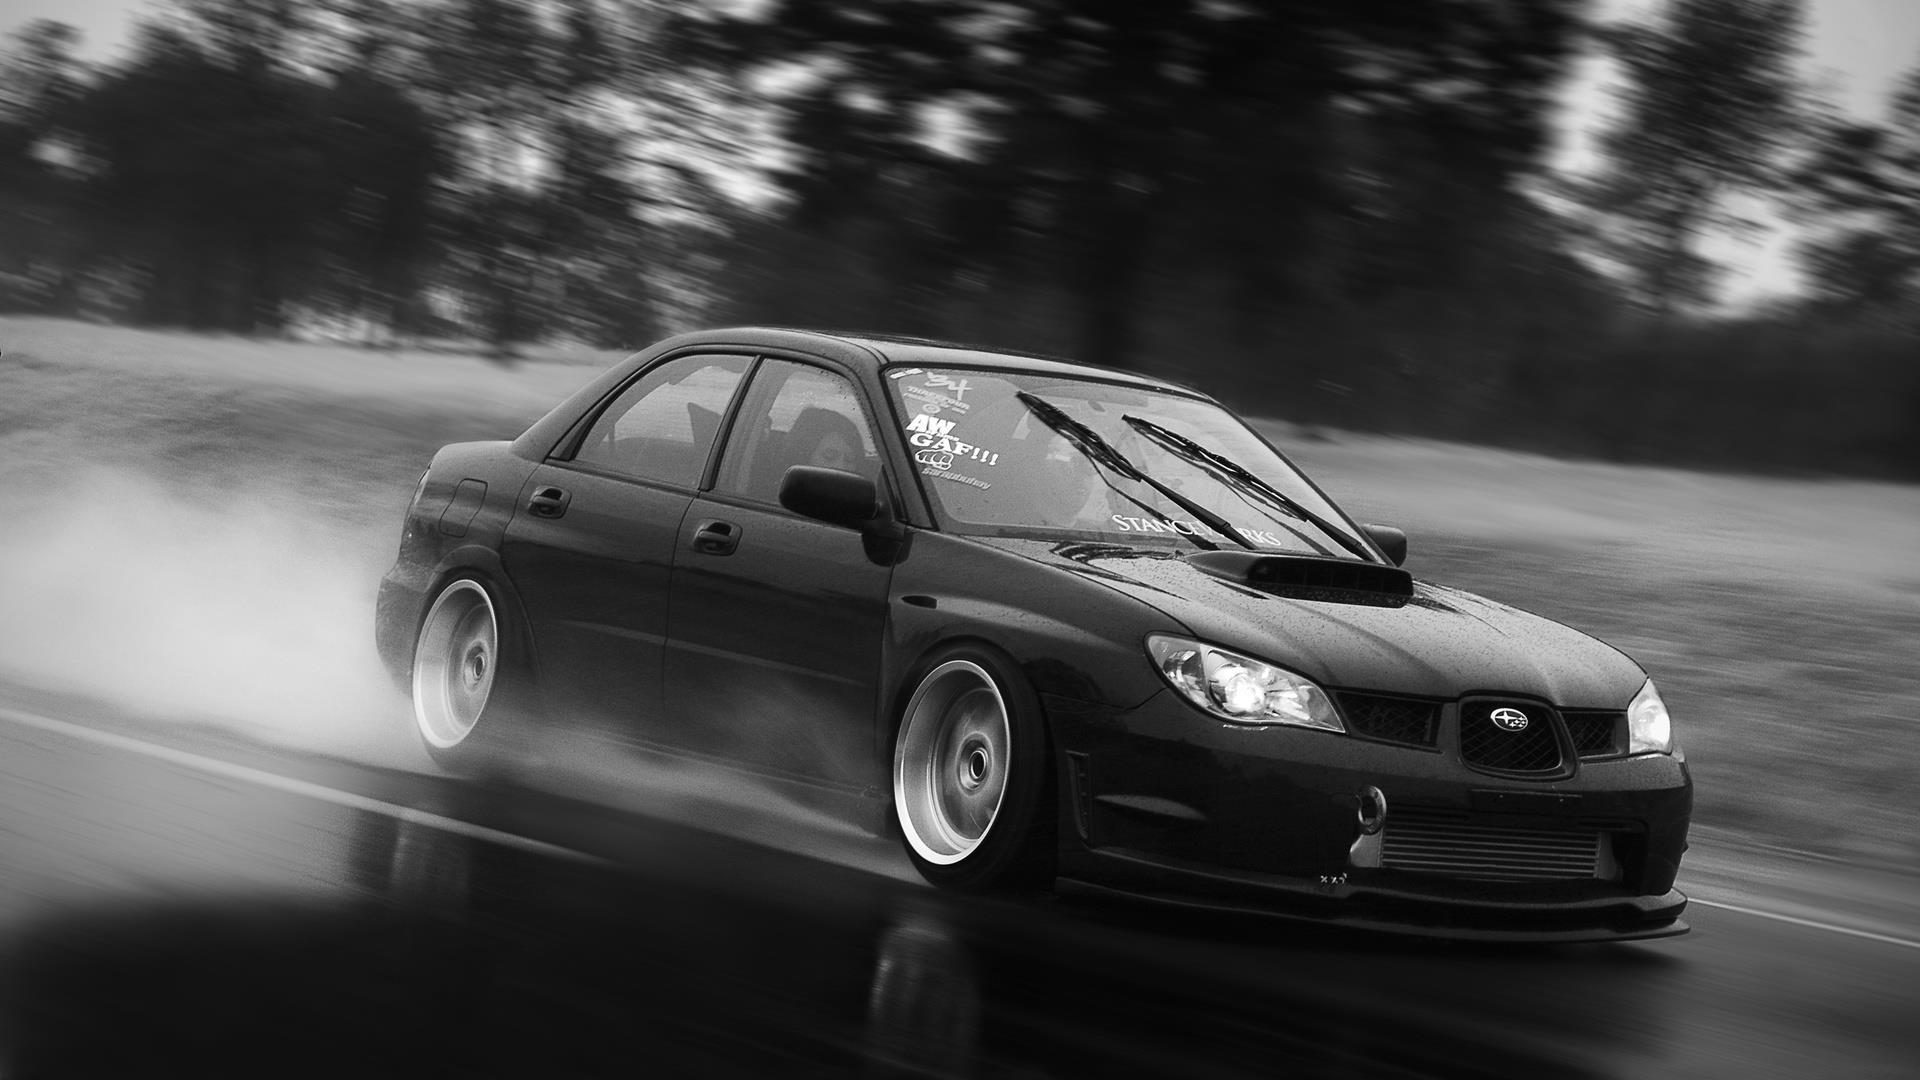 HD Subaru Wallpaper  WallpaperSafari